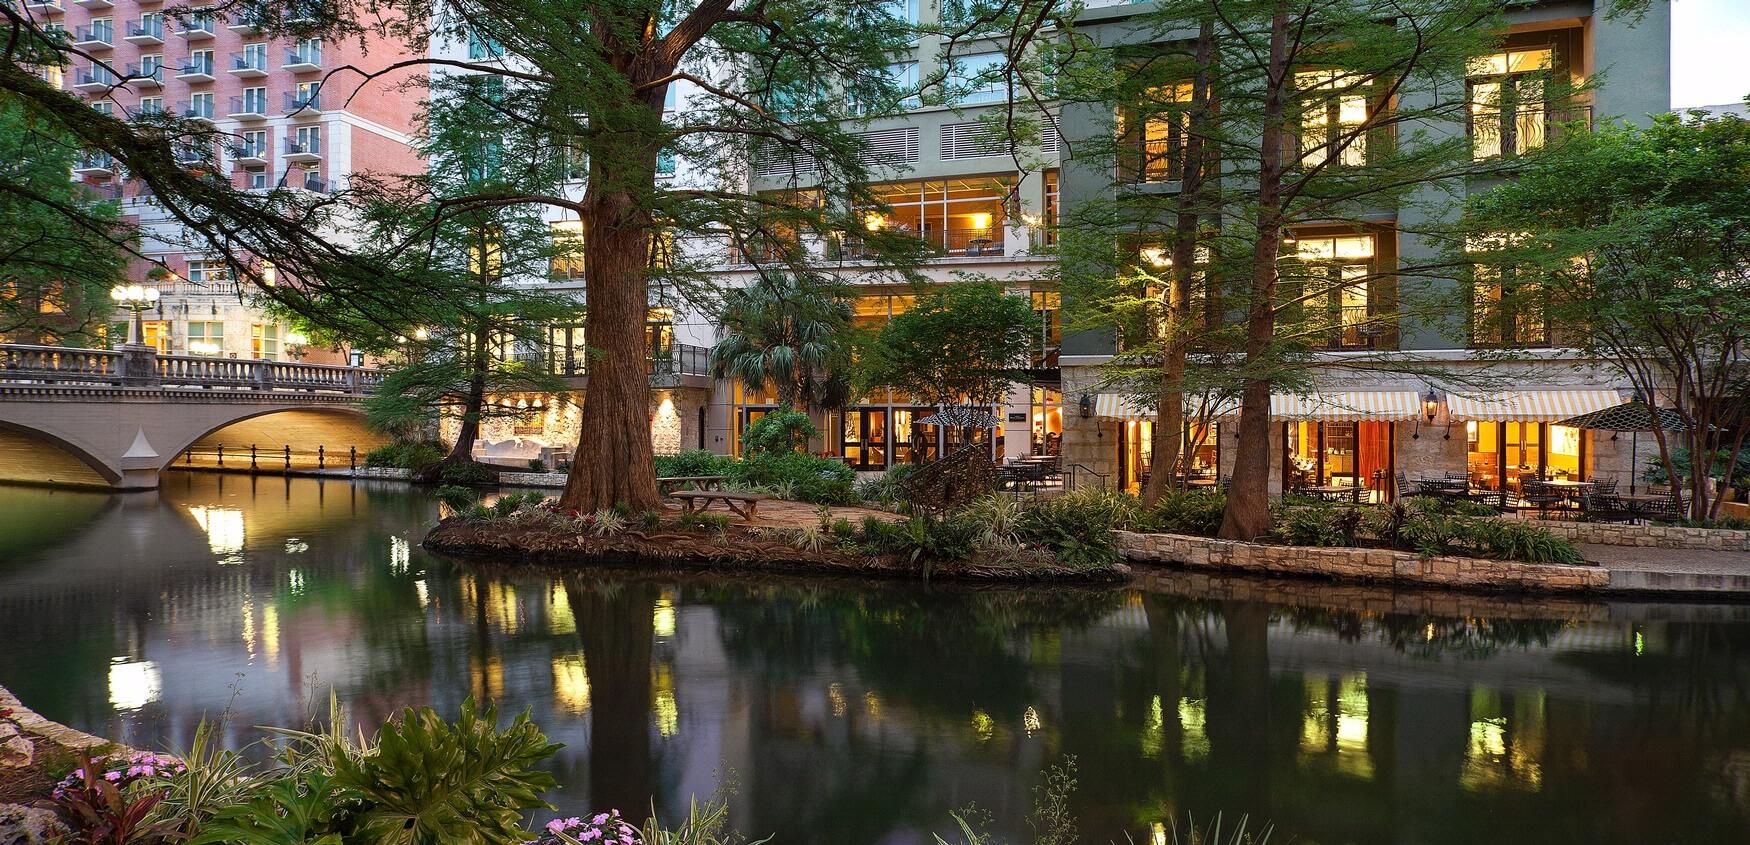 Directions To Hotel Contessa | San Antonio Hotel - Map Of Hotels In San Antonio Texas